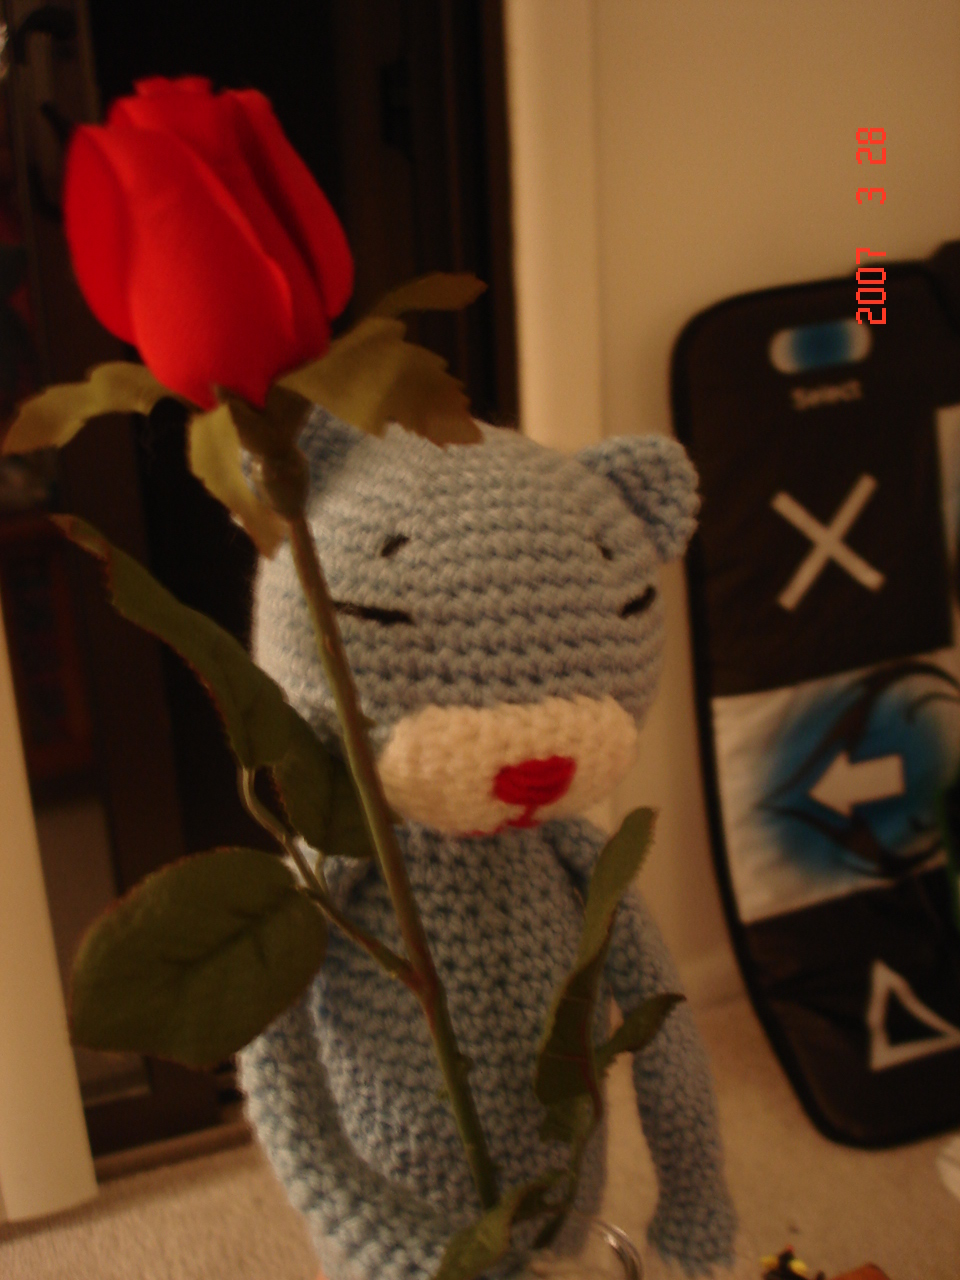 Romanticist Cat - 4